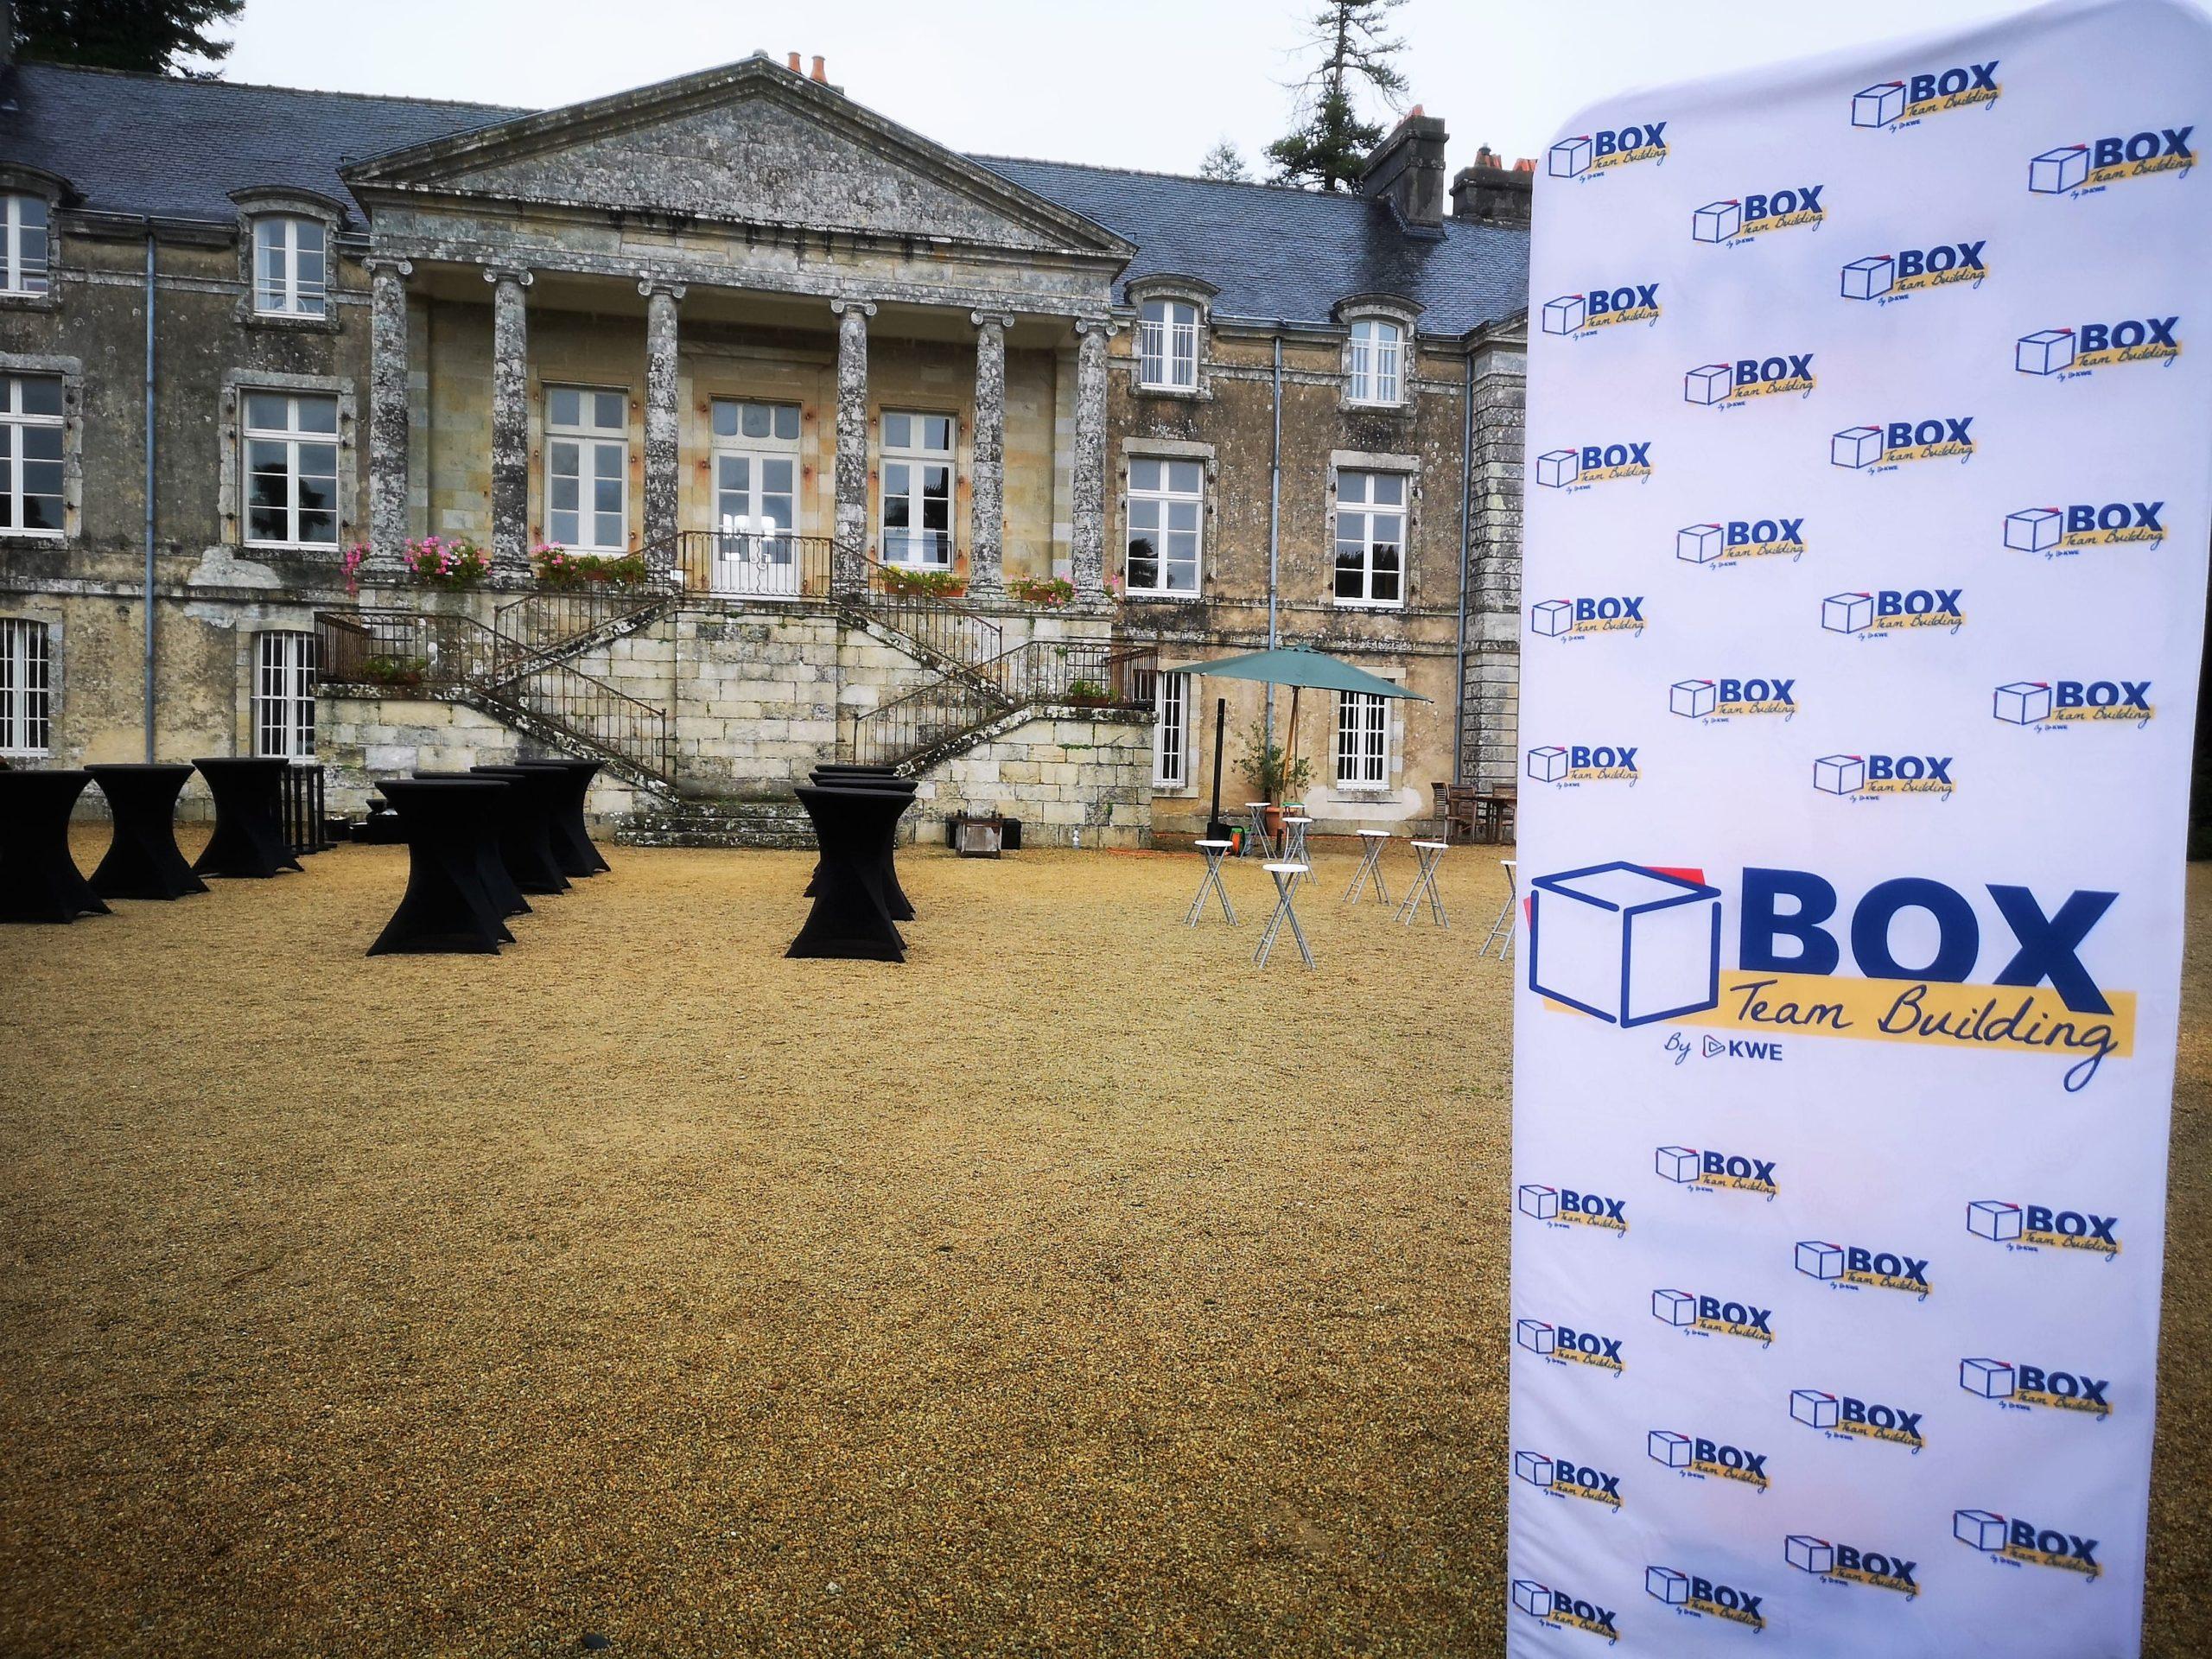 Le lieu où se déroule les ateliers de Box Team Building by Kap West Events